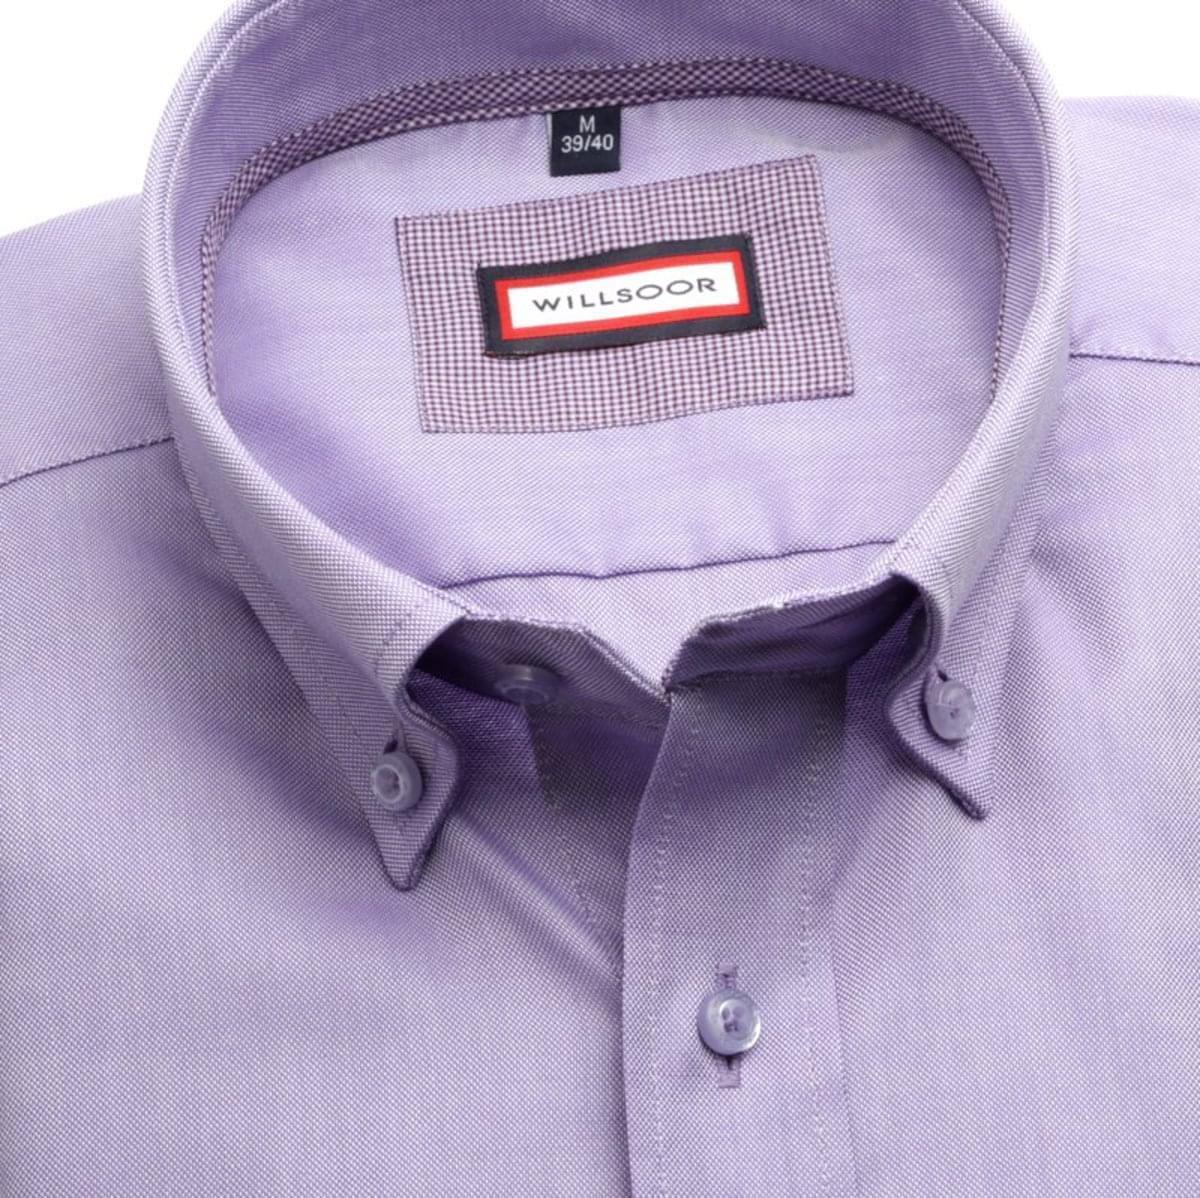 Pánská slim fit košile (výška 176-182) 7674 ve fialkové barvě s úpravou easy care 176-182 / M (39/40)